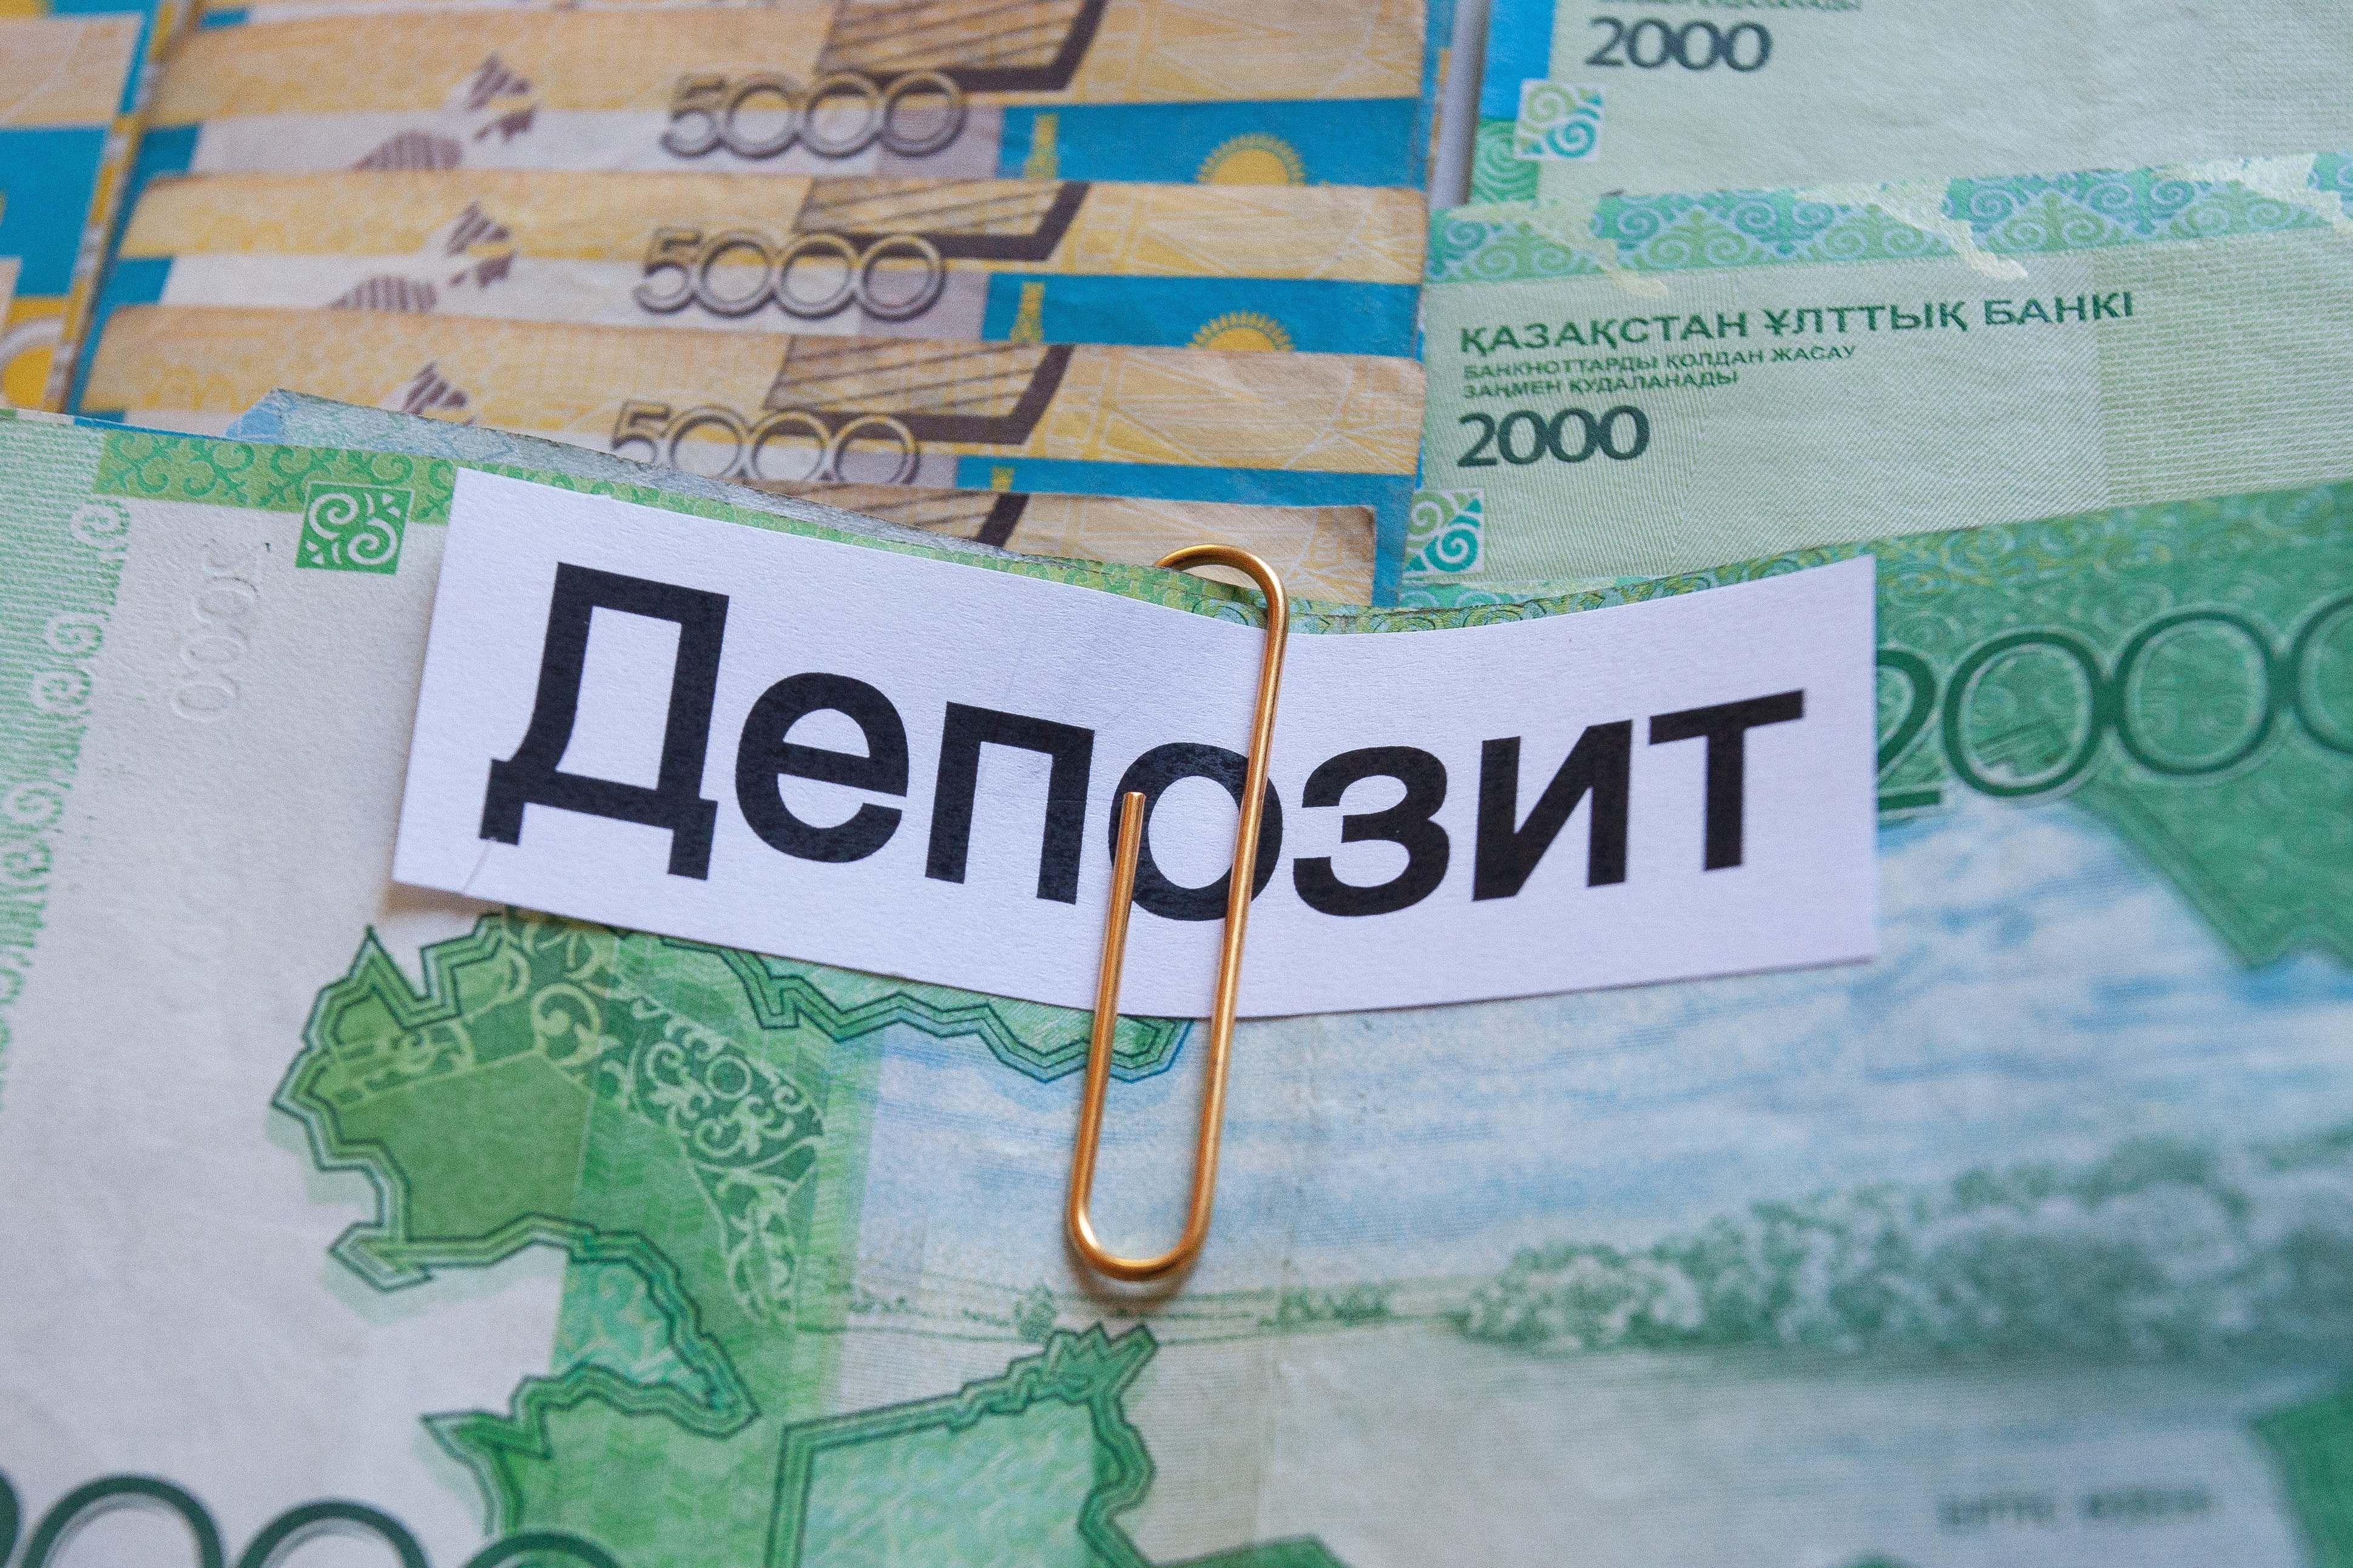 Выгодно ли переводить тенговый вклад в валютный?- Kapital.kz